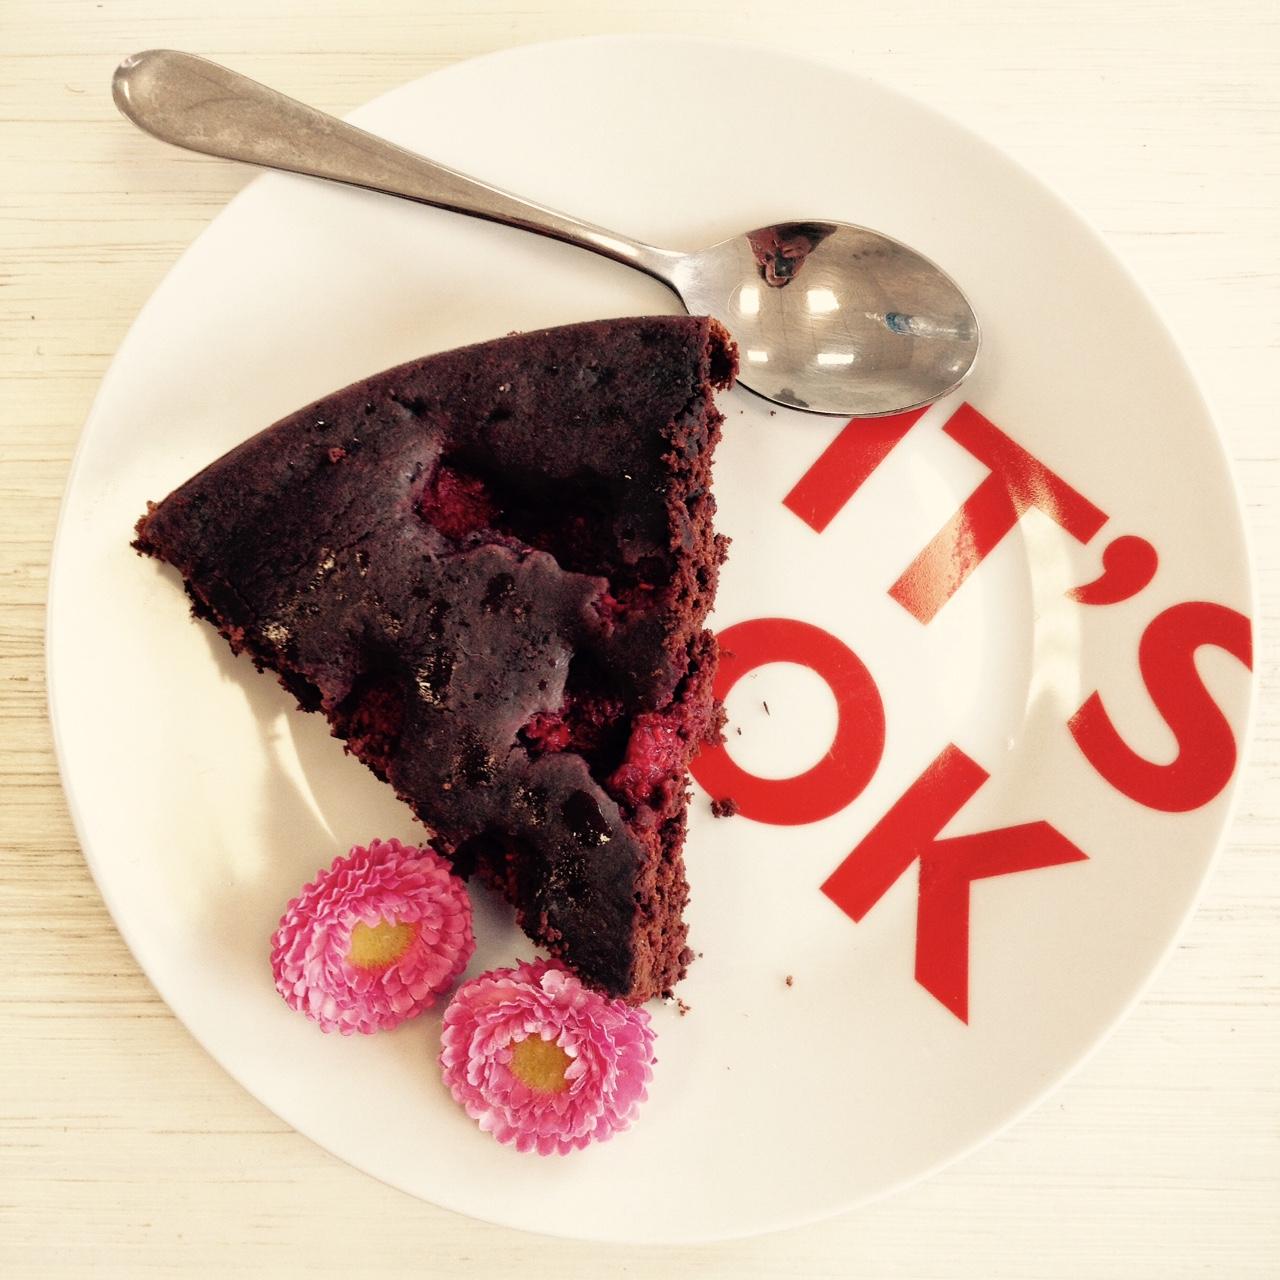 Voir d'autres recettes de gâteaux au chocolat et aux framboises.